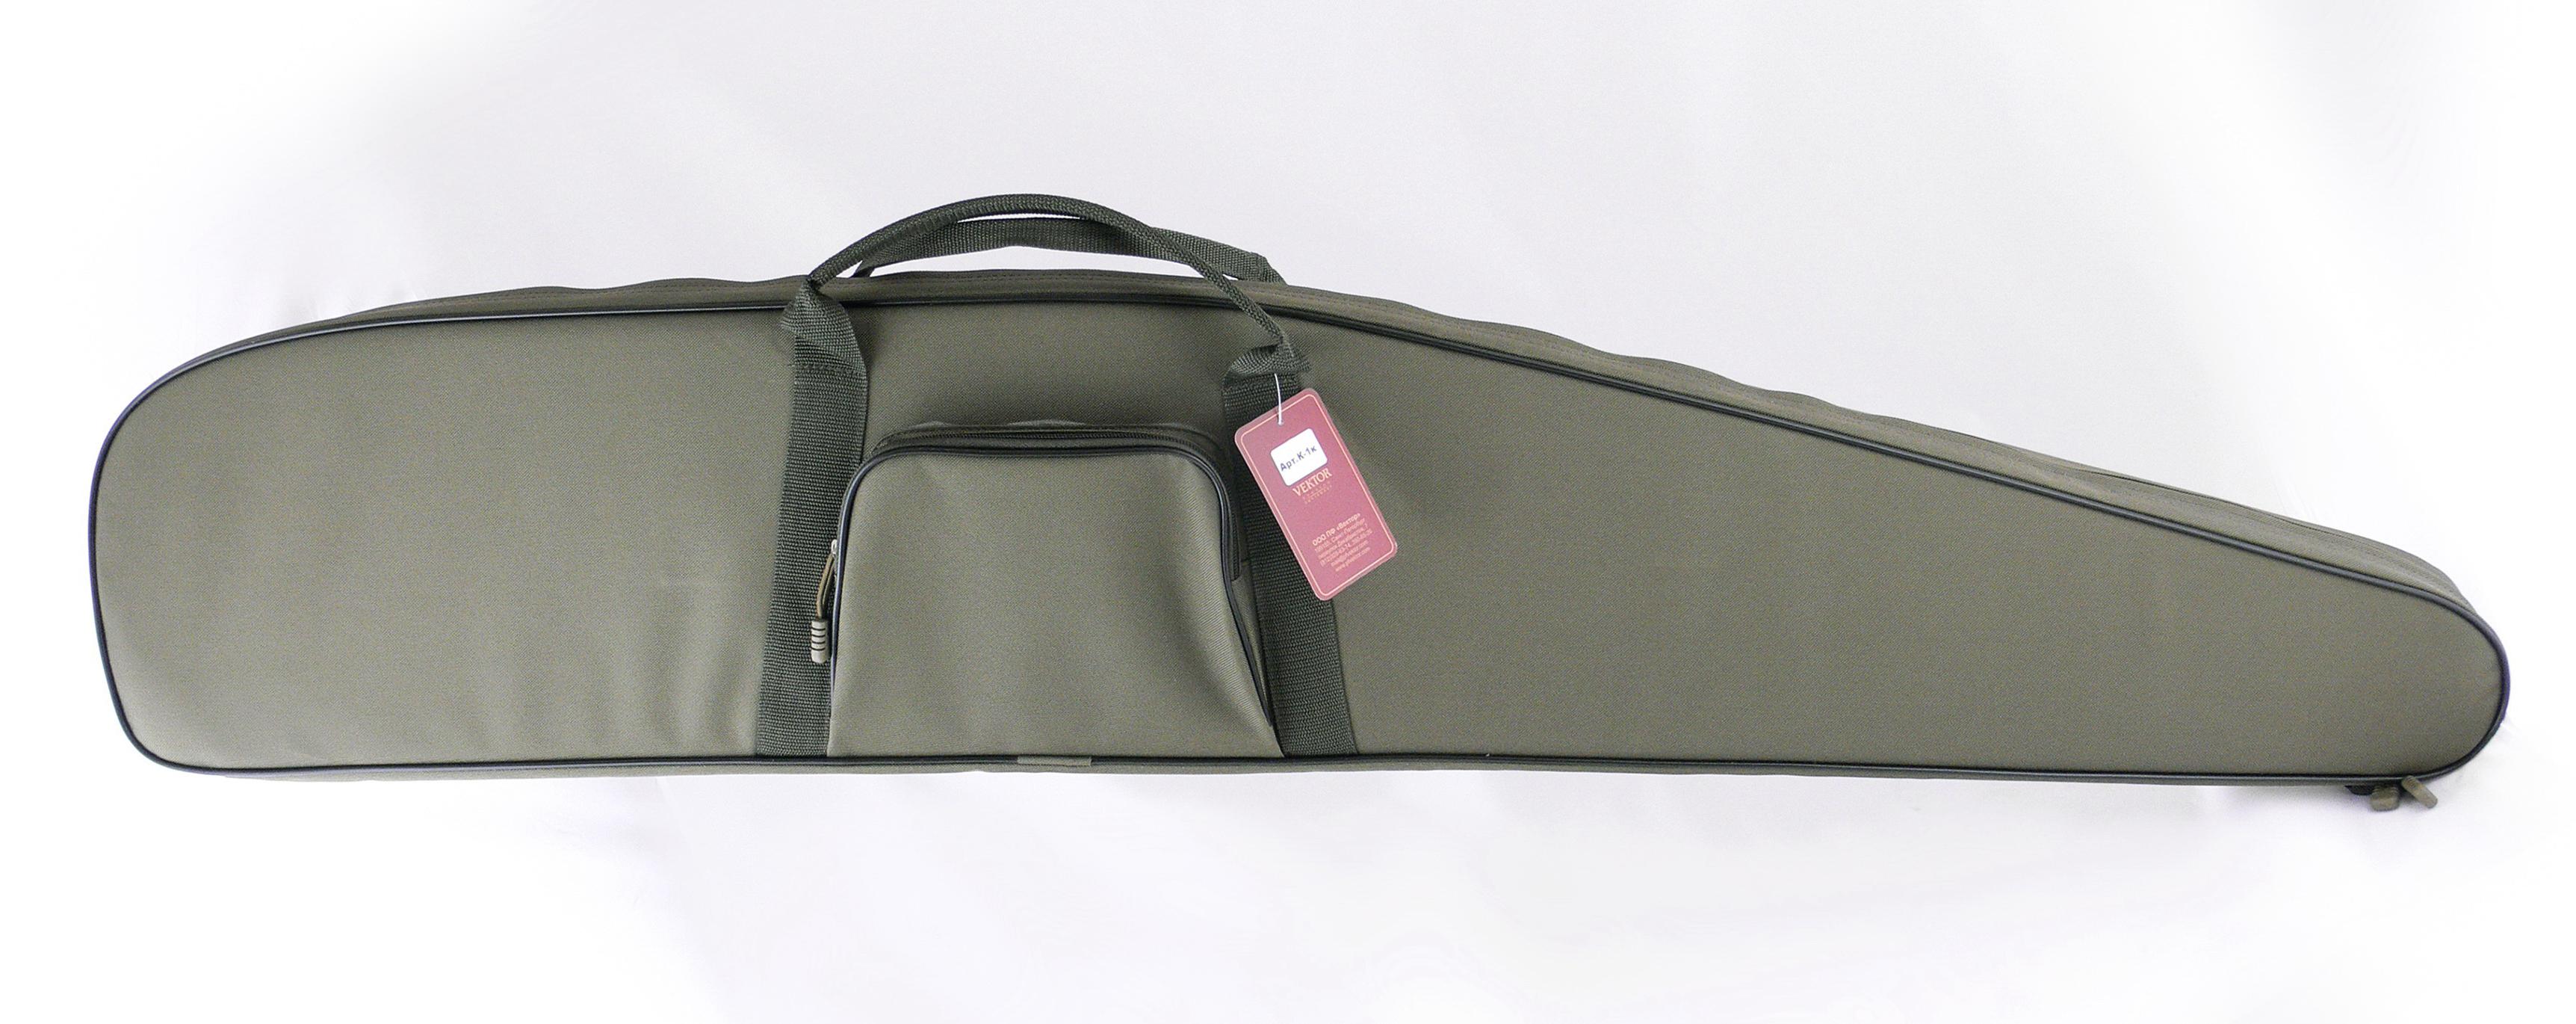 """Чехол для винтовки """"Vektor"""", цвет: зеленый, с оптическим прицелом, длина 134 см"""